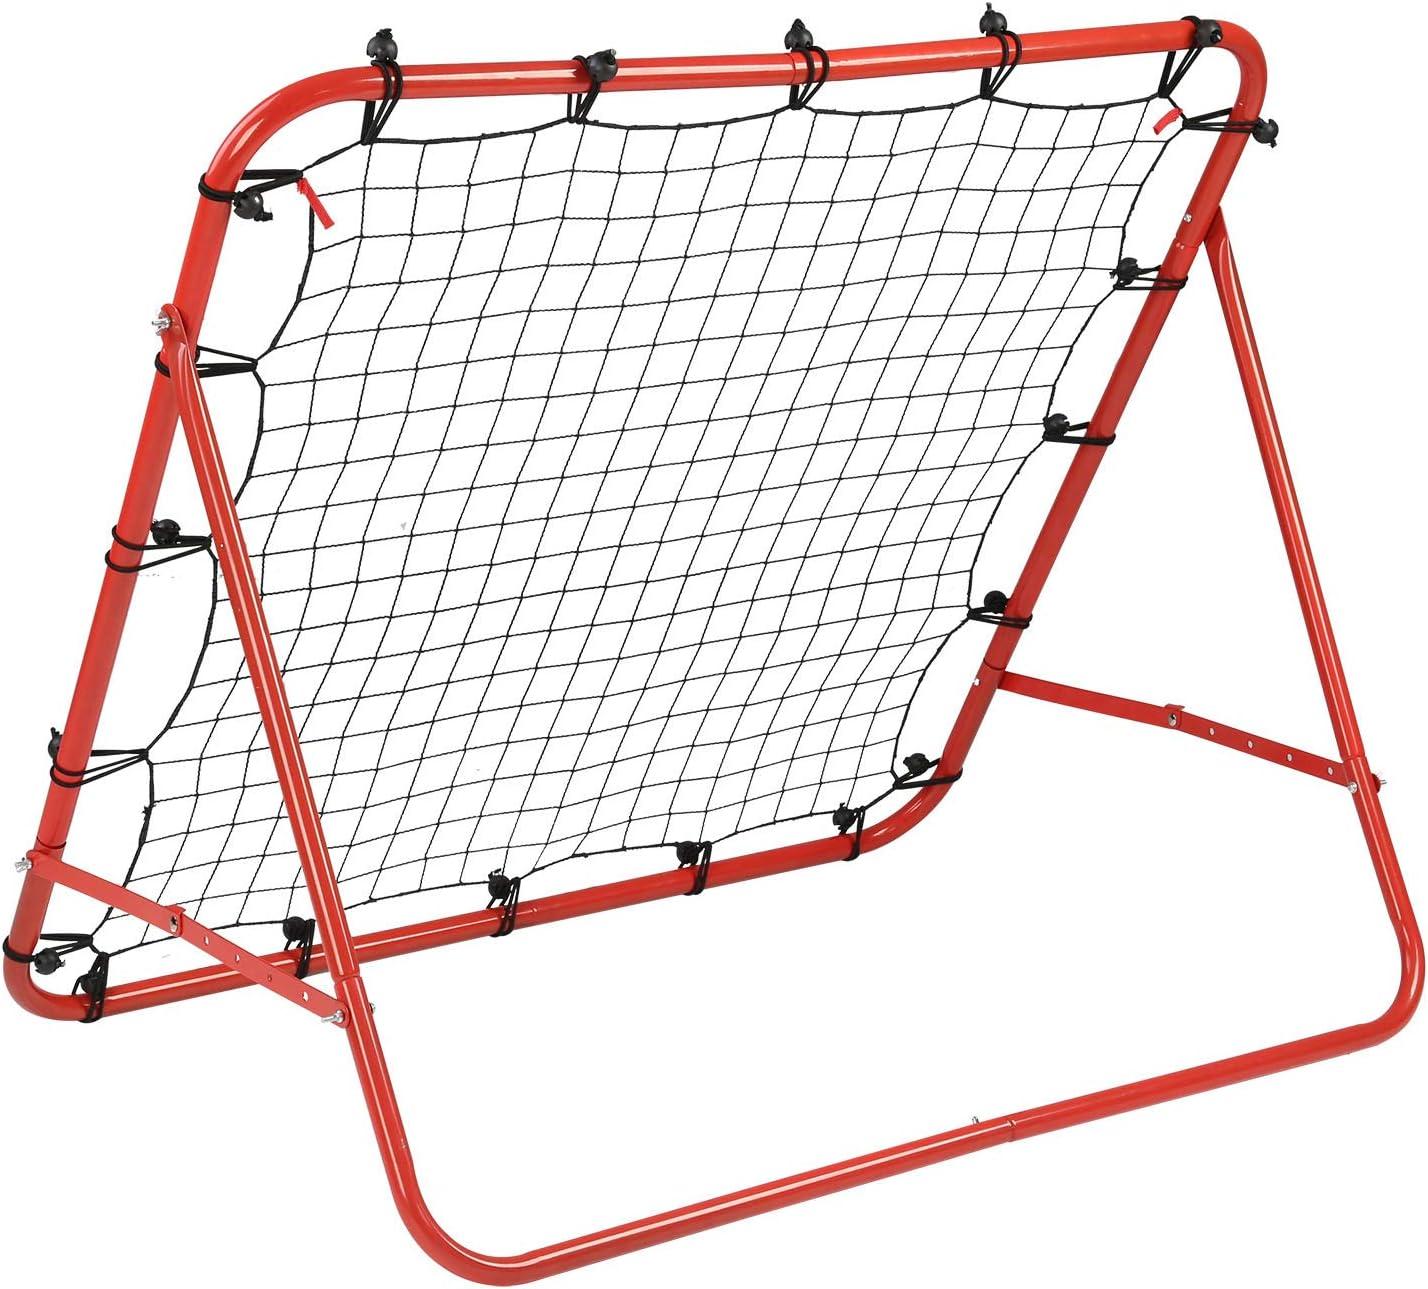 Kickback Football Goal Ball Training Net Soccer Target Rebounder for Kids Teach